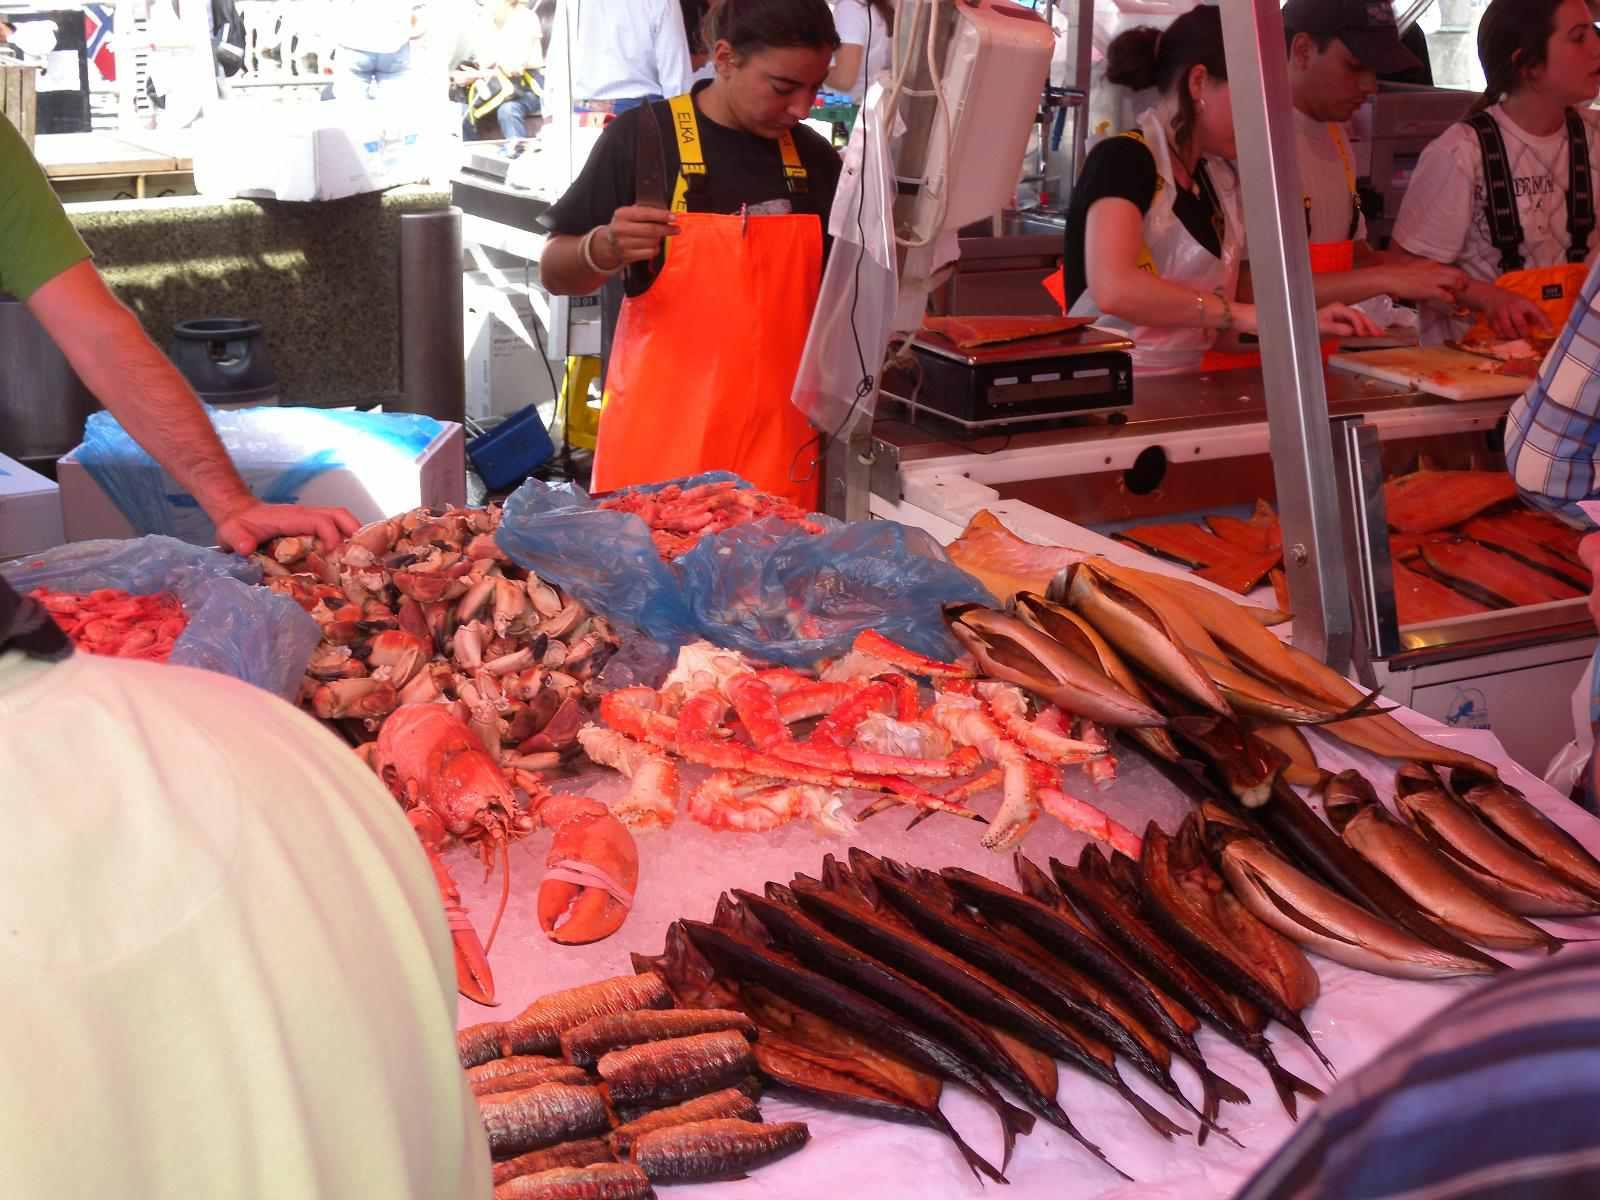 Fischmarkt (fish market) in Bergen